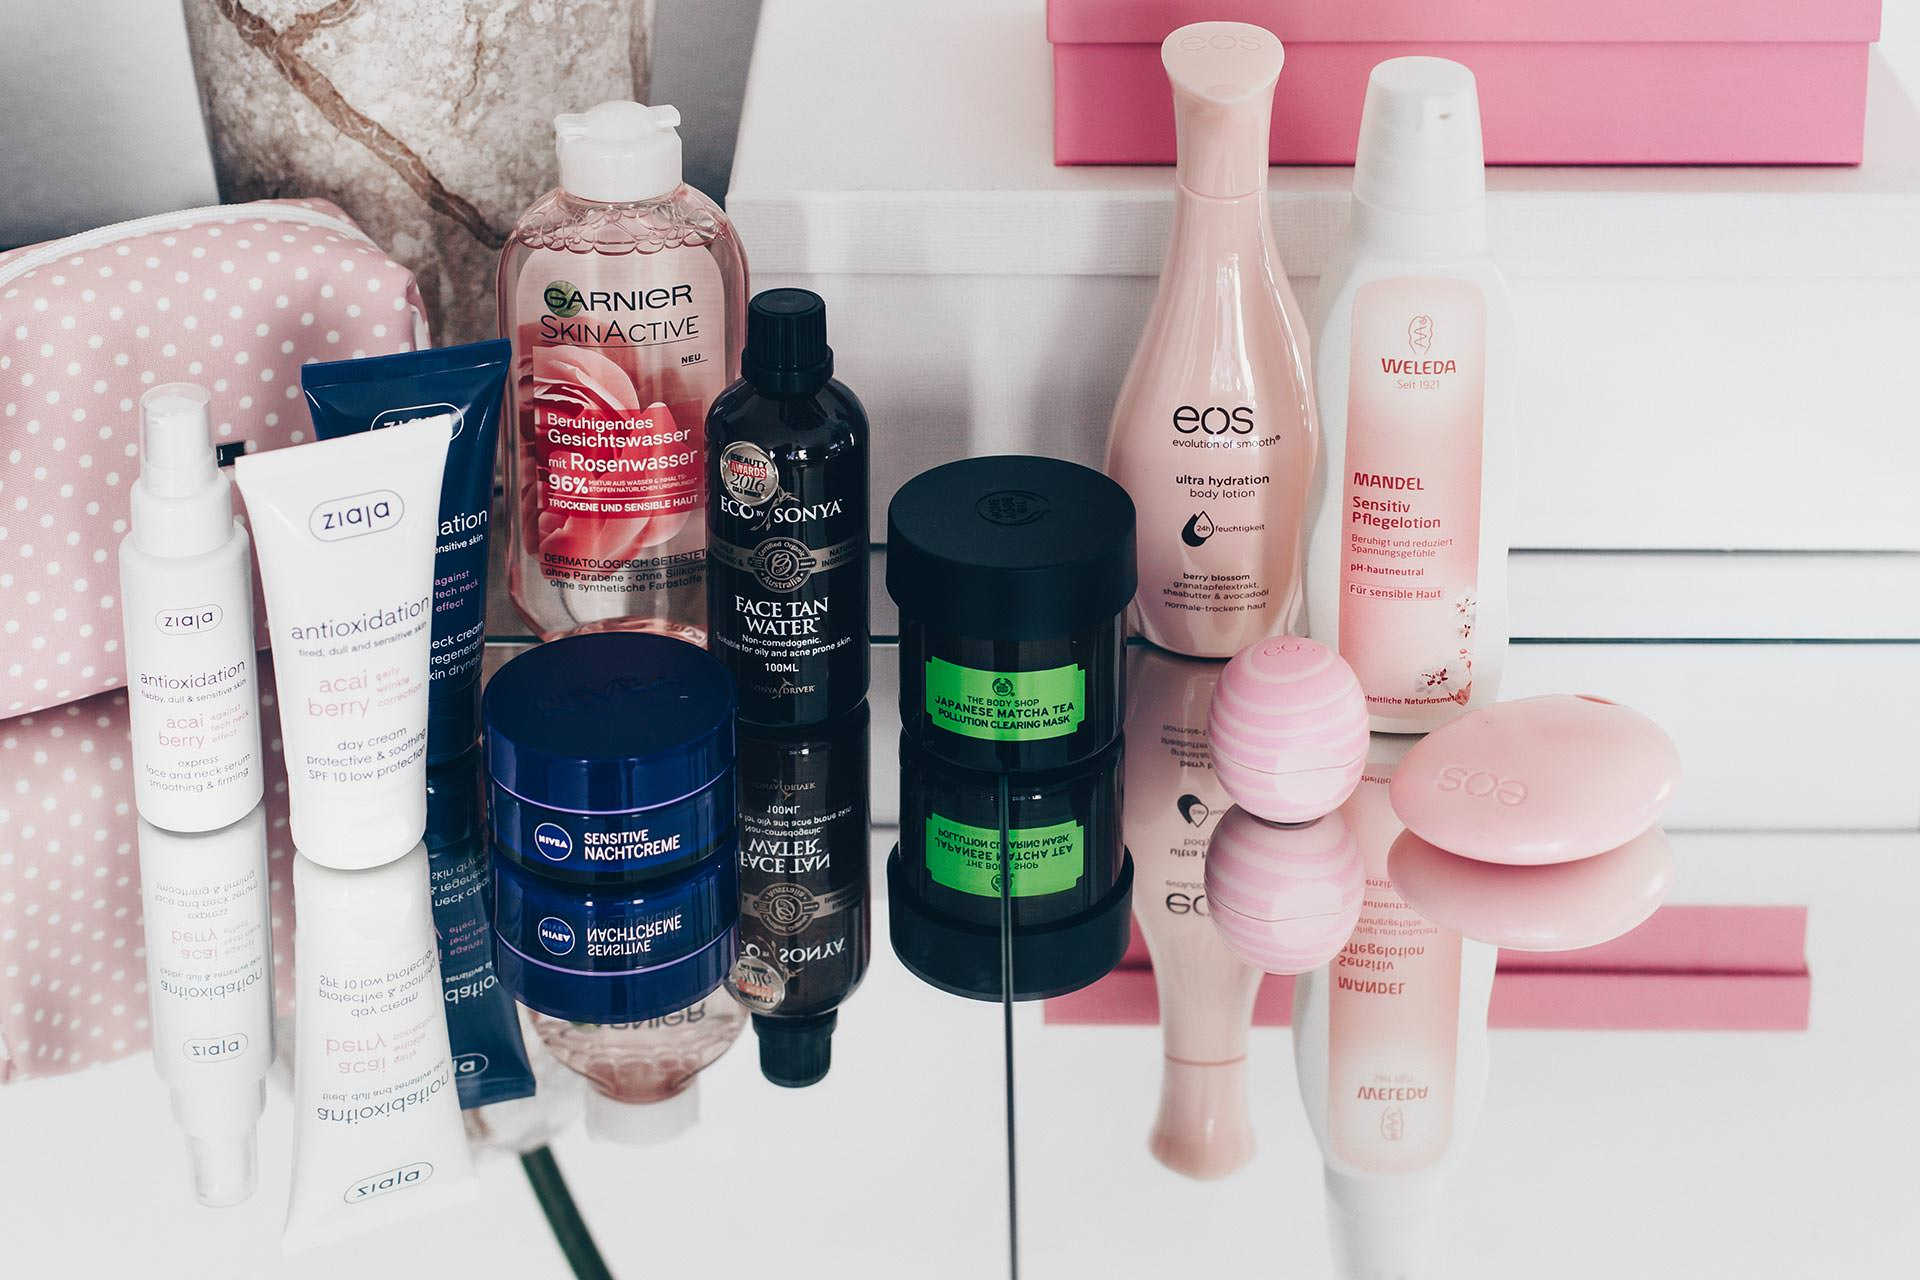 Beauty Gewinnspiele Österreich, Blogger Adventskalender, XL Beauty Package Giveaway, Fashion Beauty Style Blog, www.whoismocca.com